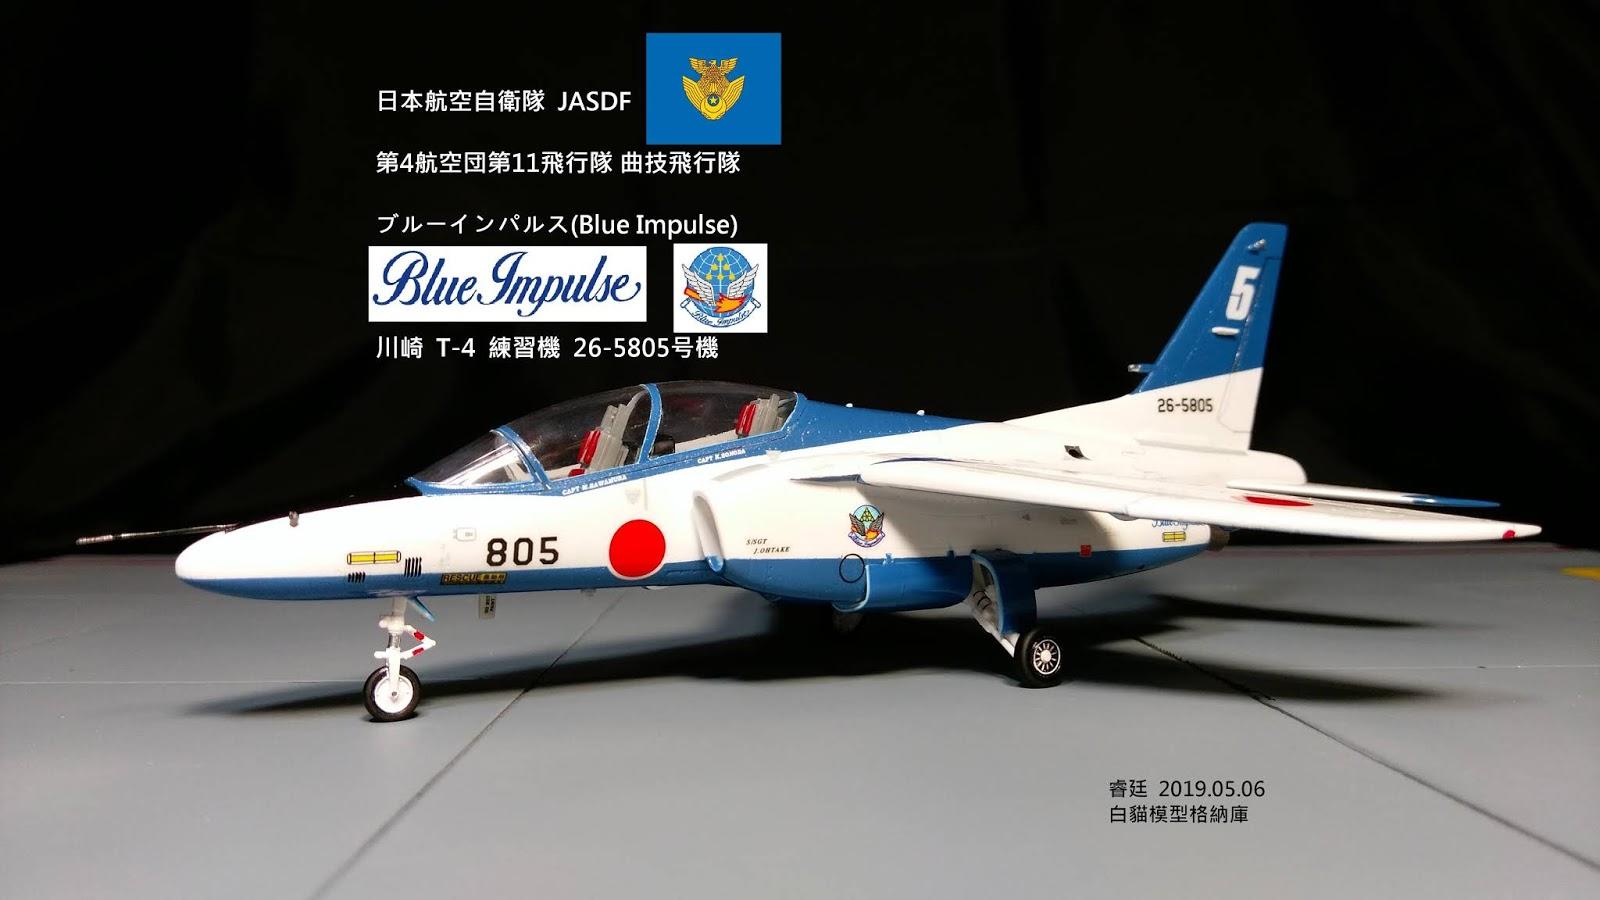 白貓模型格納庫 Kawasaki T 4 26 5805號機日本航空自衛隊jasdf Blue